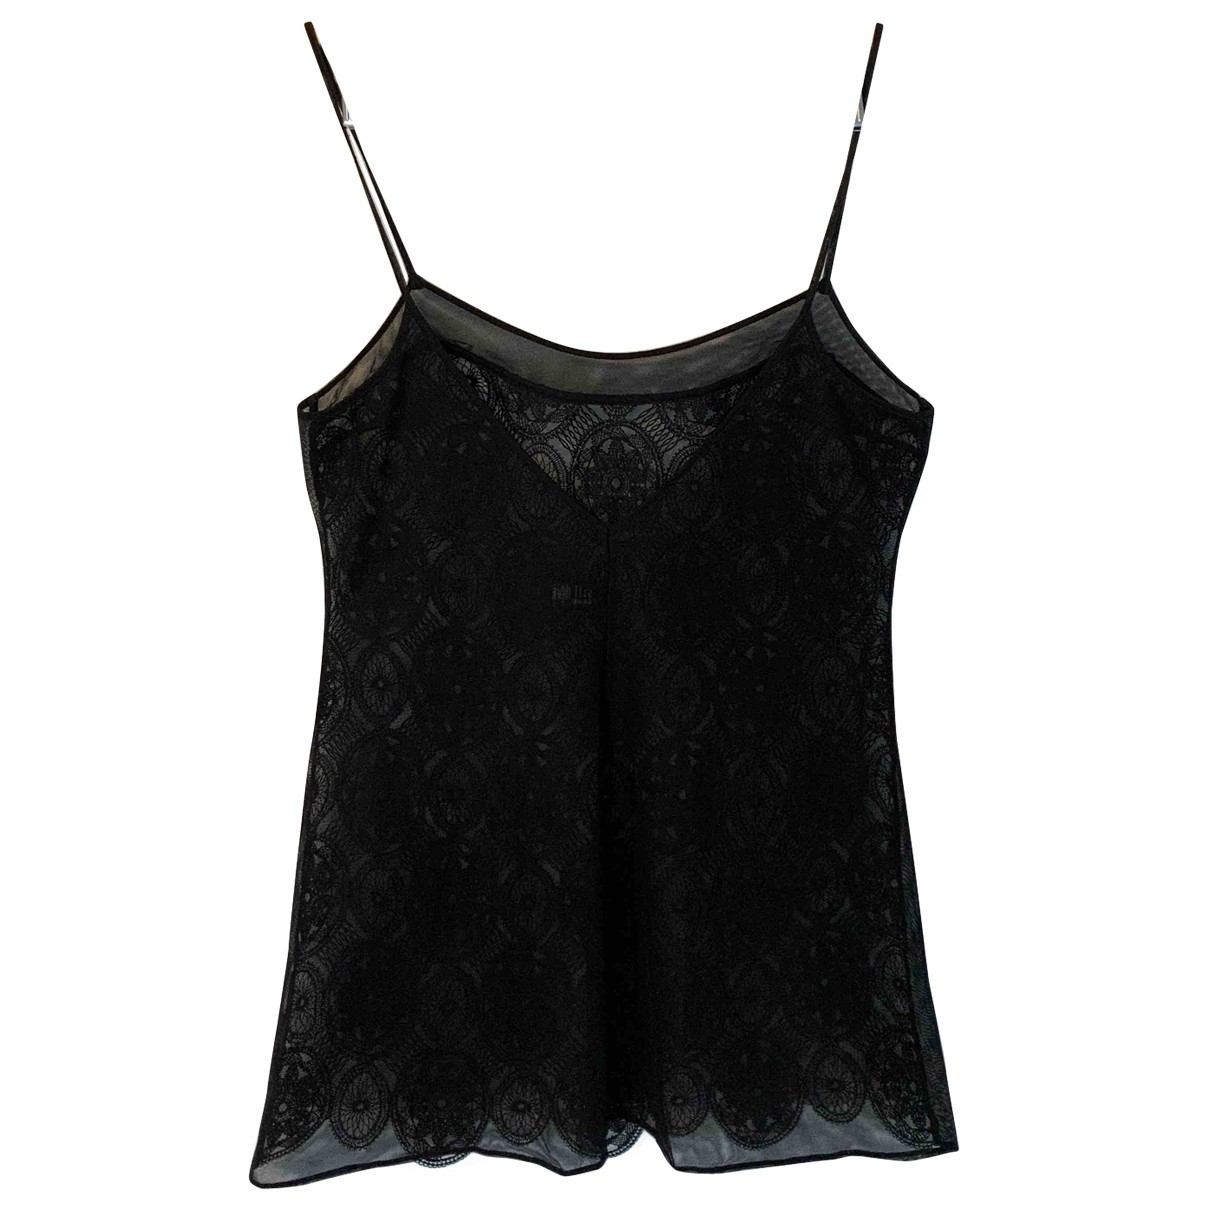 La Perla \N Black  top for Women 40 IT